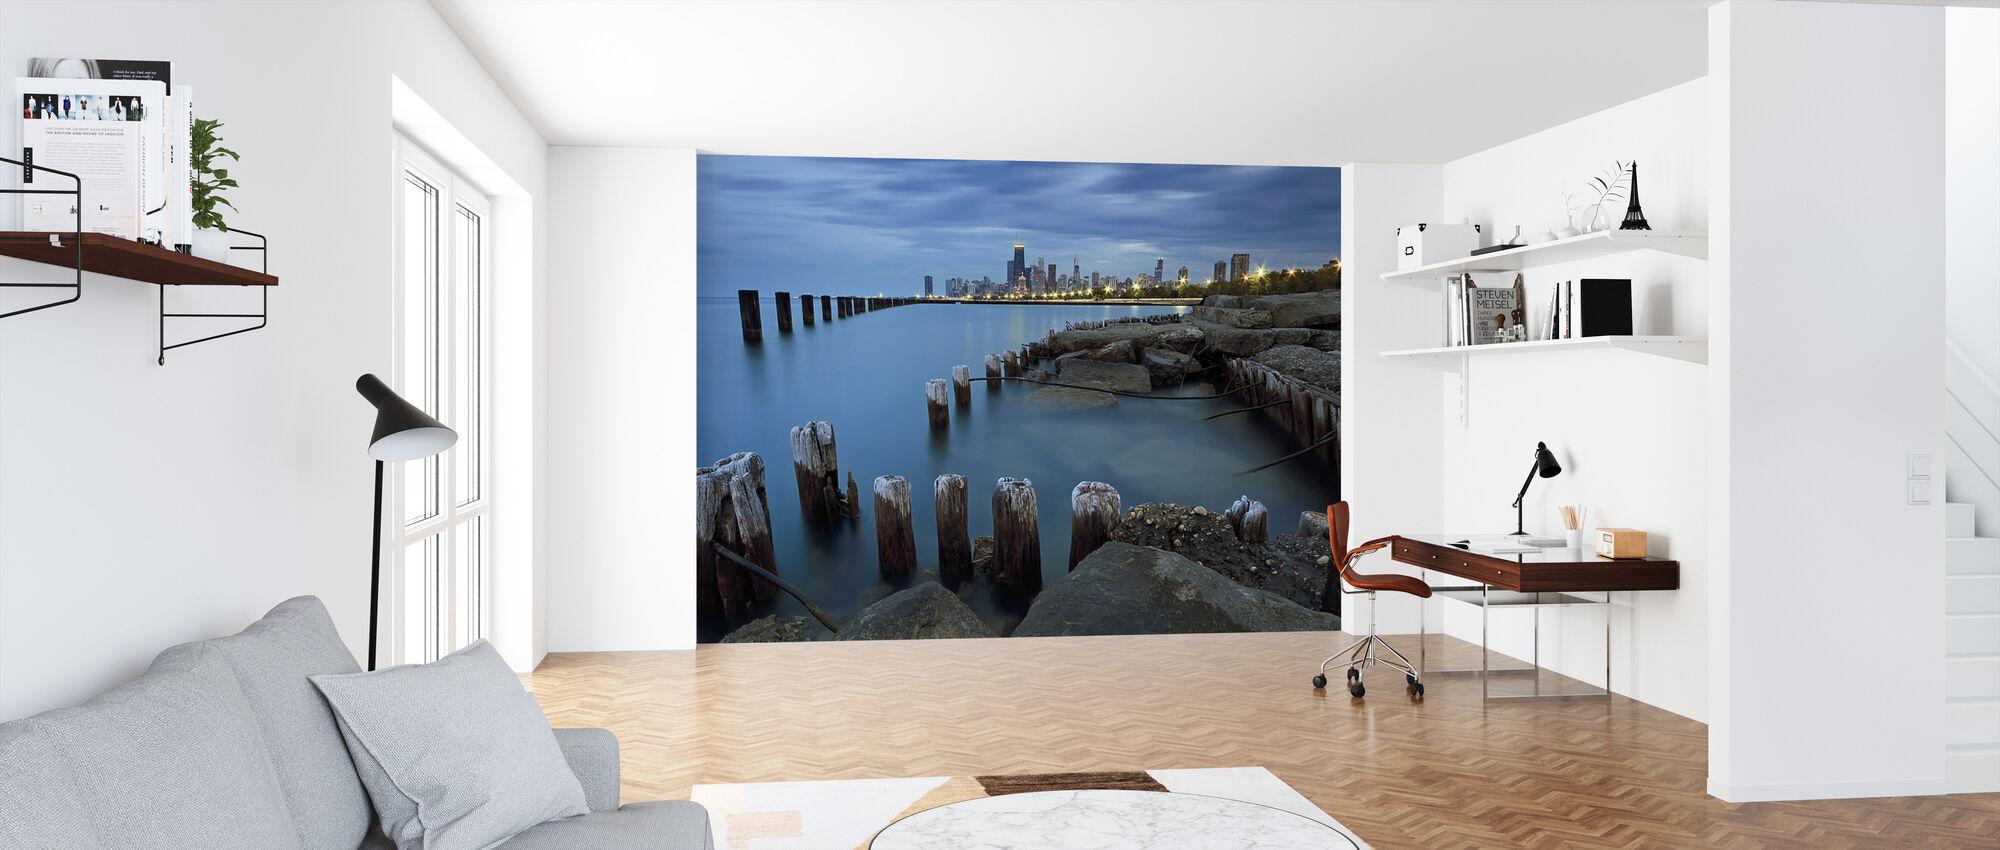 Pillars - Wallpaper - Office